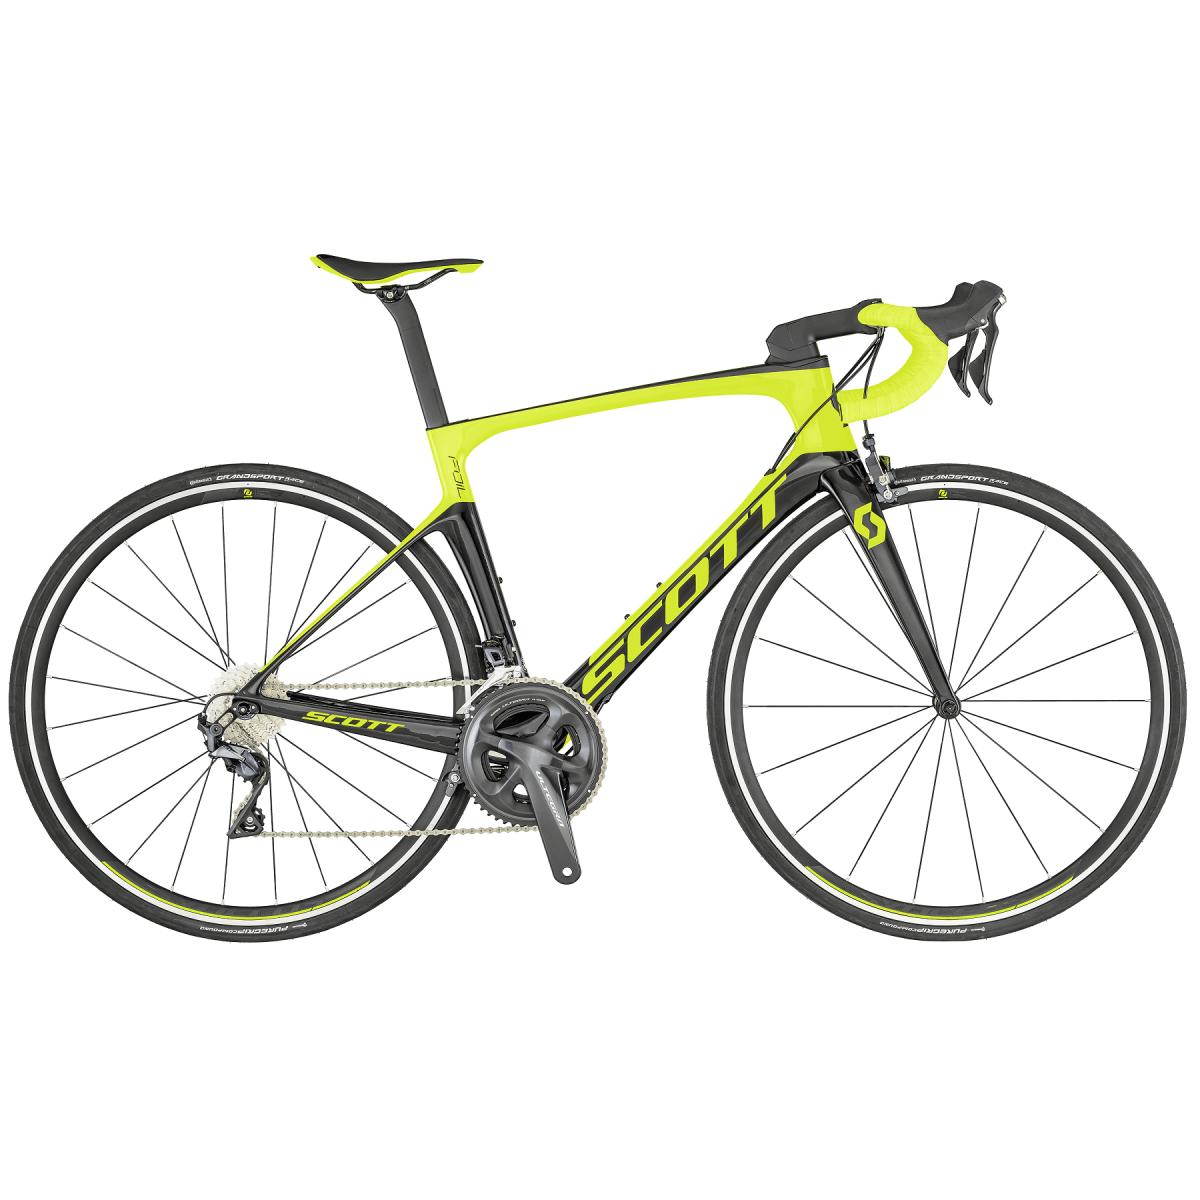 Scott Foil 20 road bike 2019